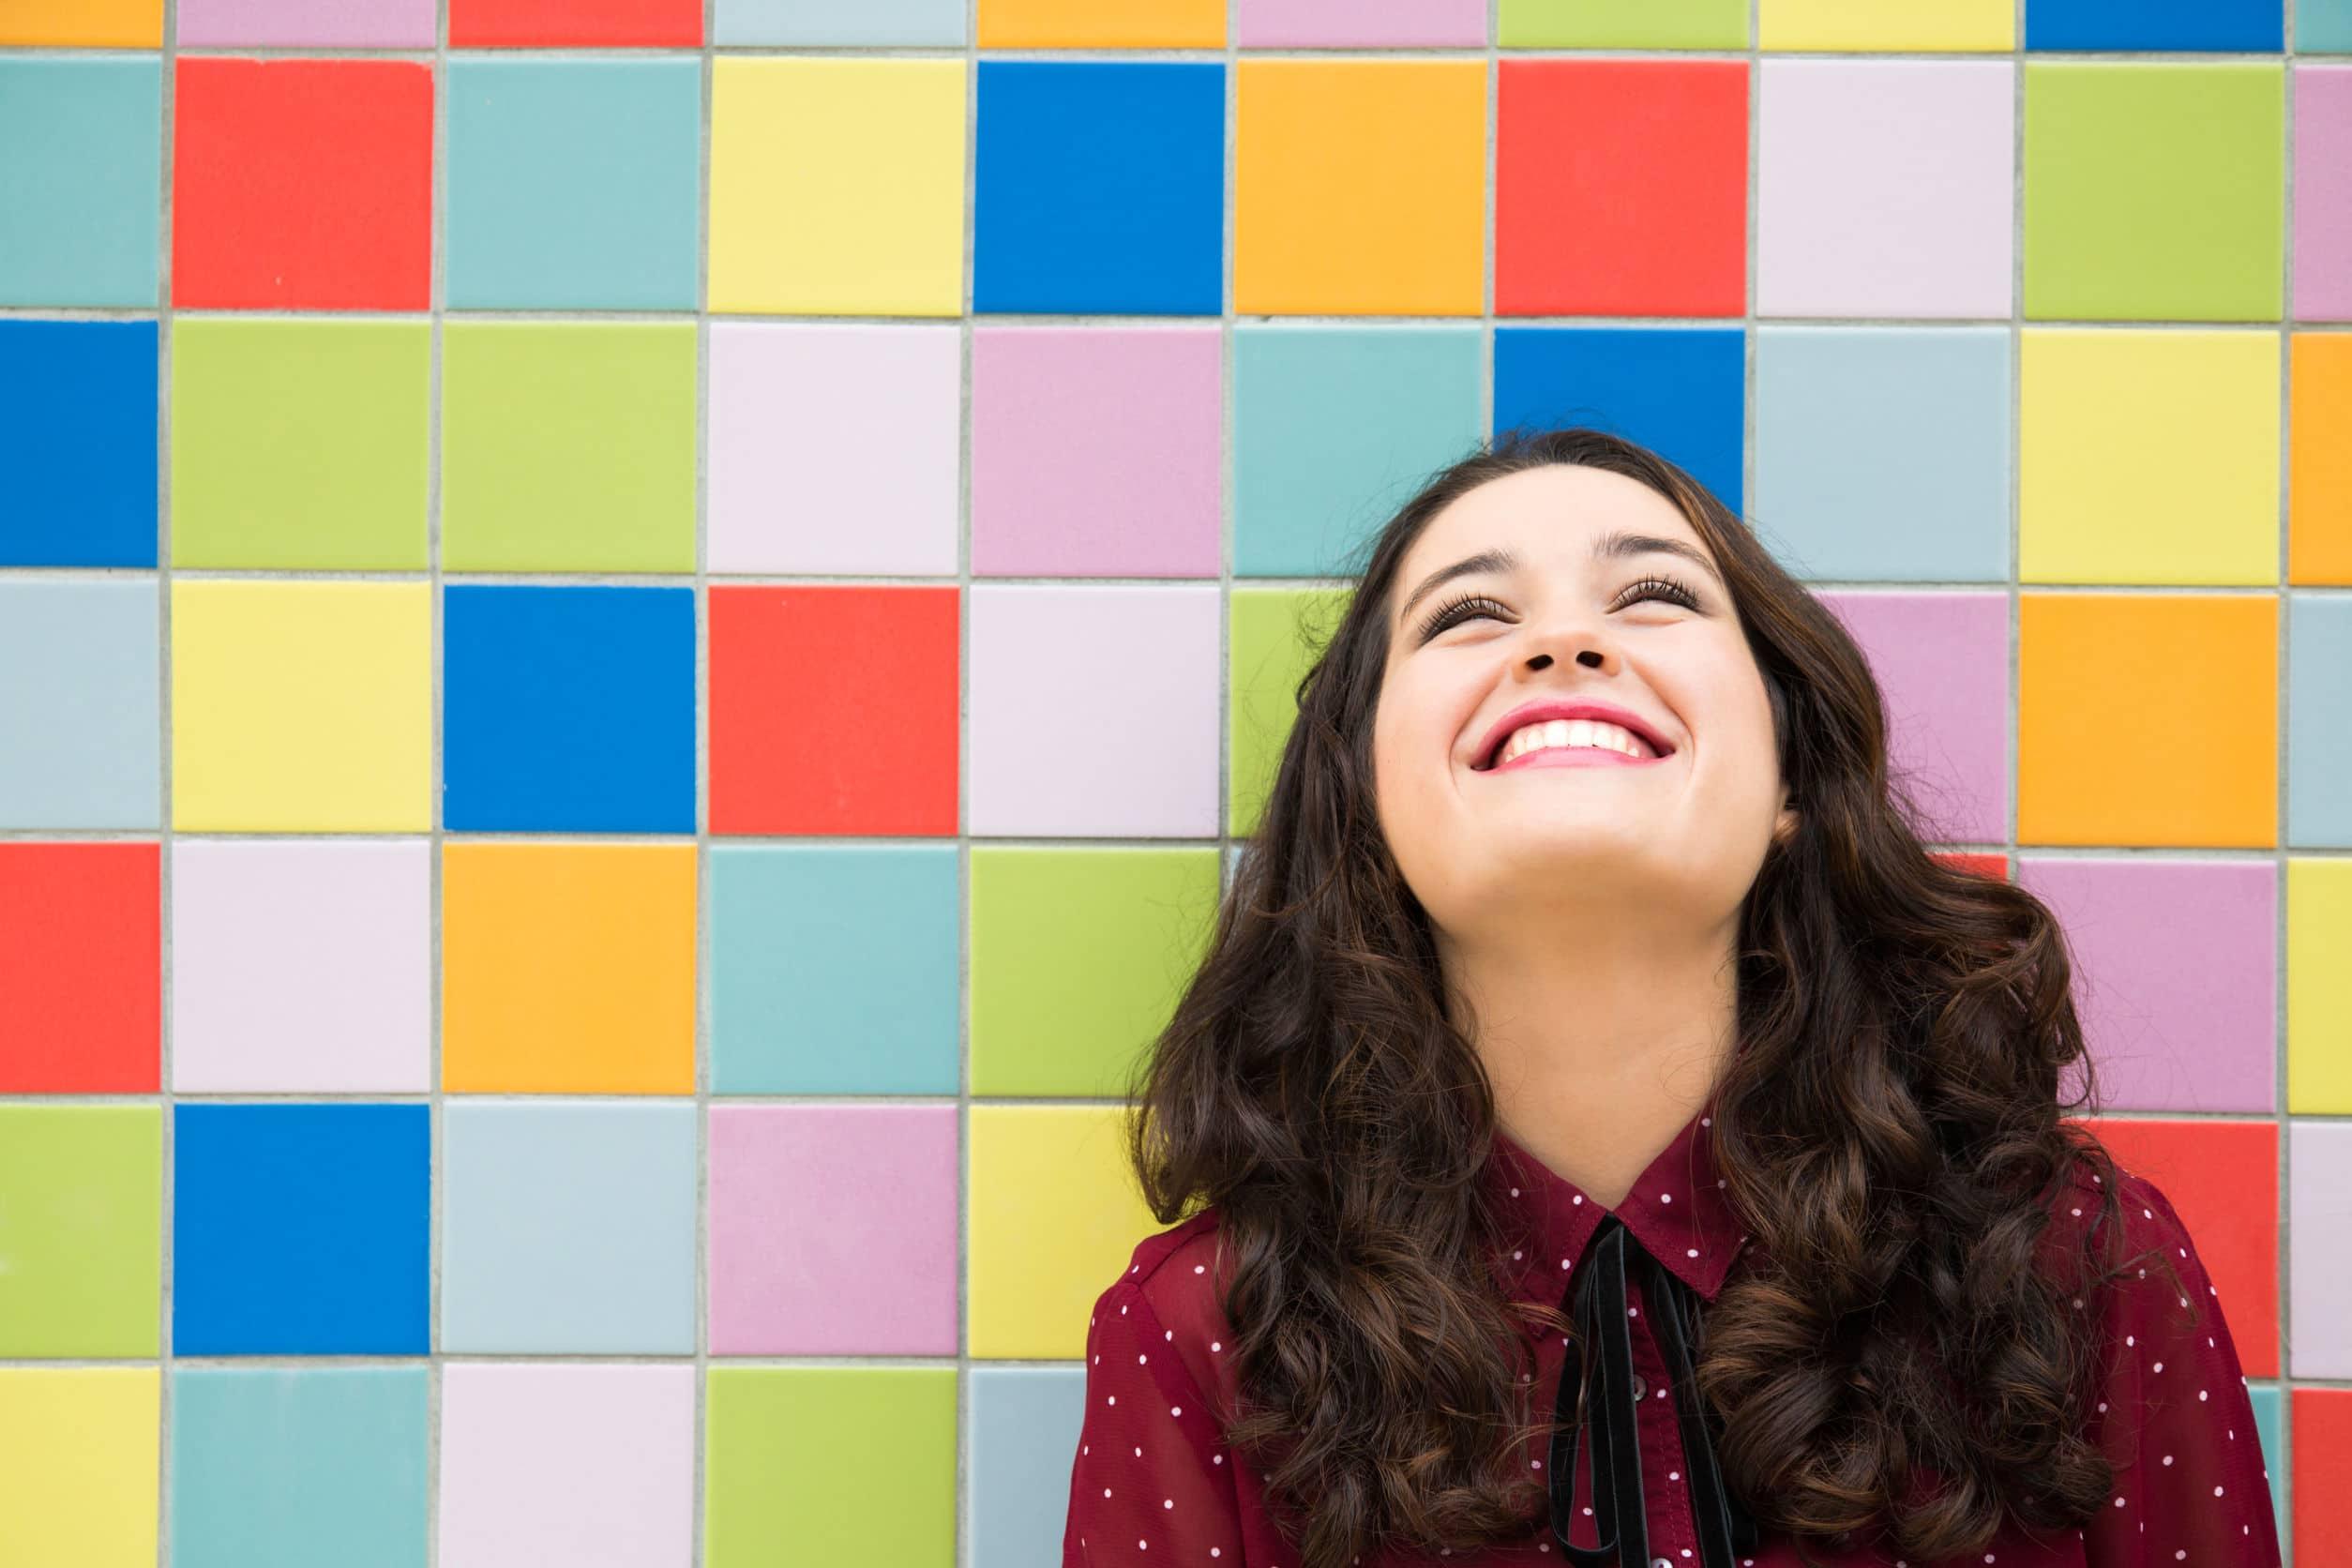 Menina feliz sorridente encostada em uma parede com azulejos coloridos.